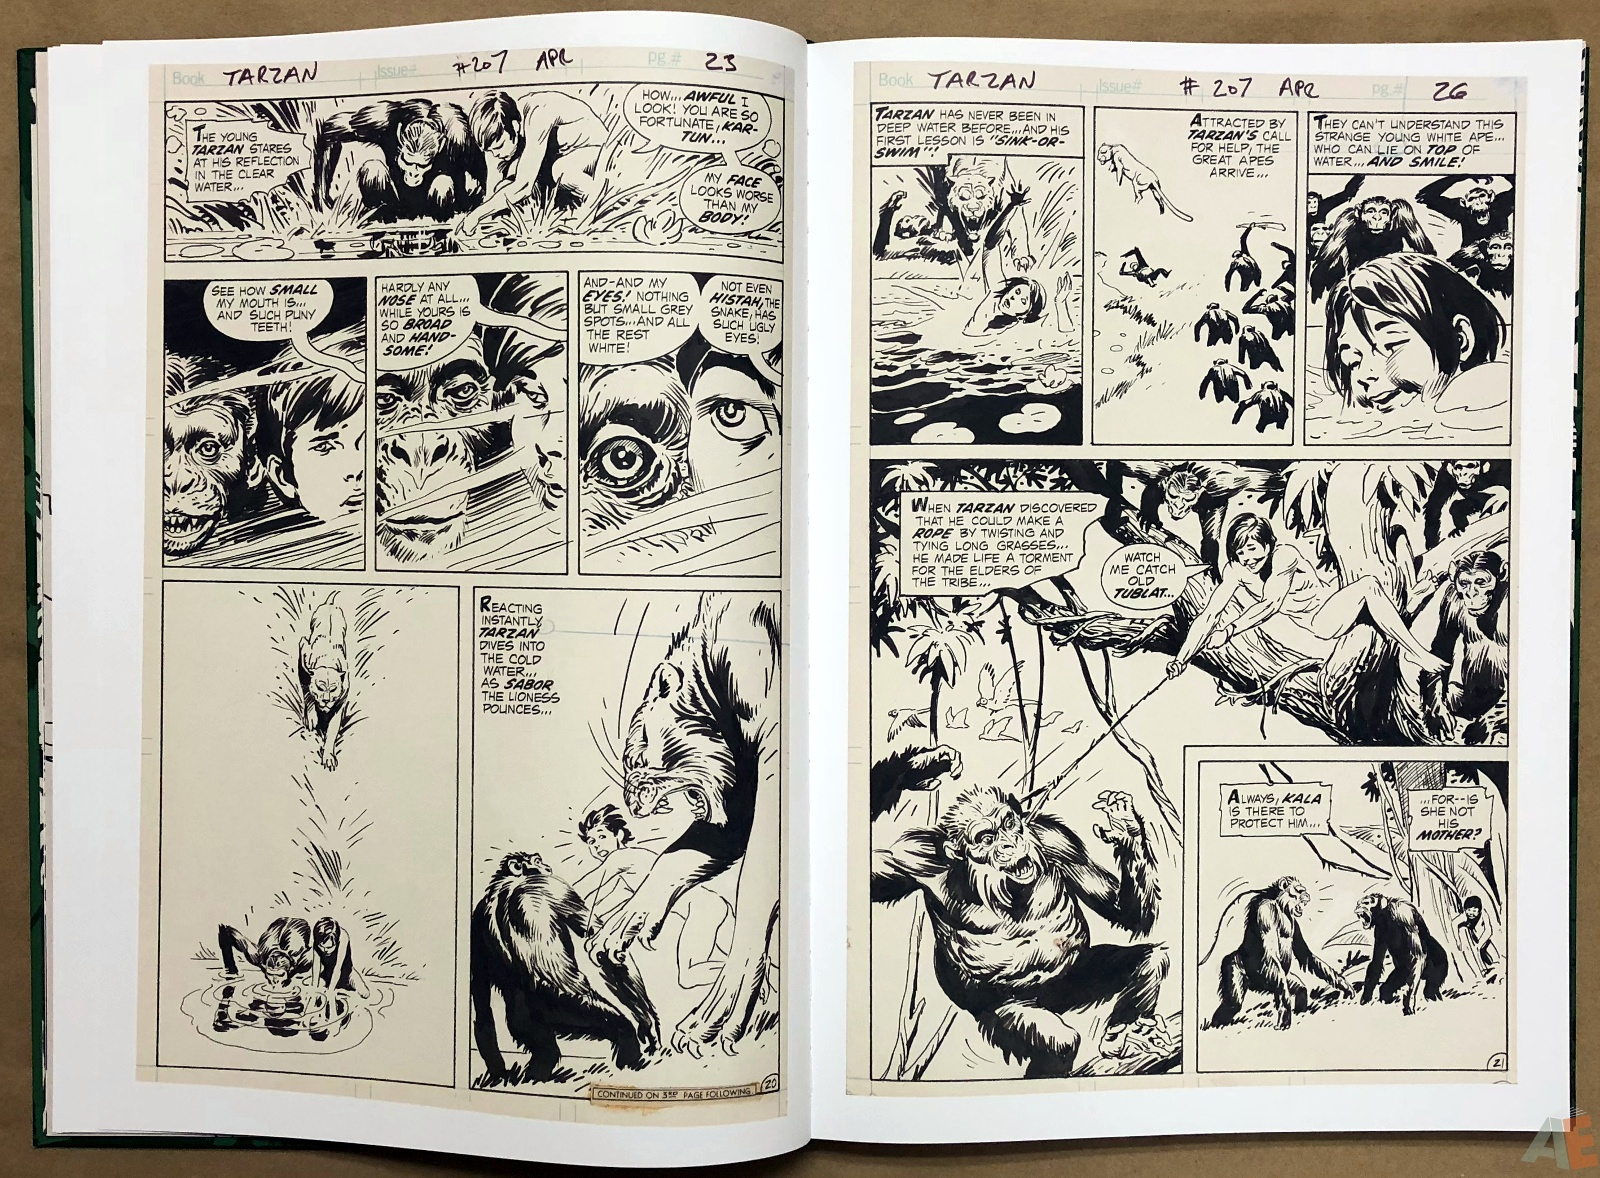 Joe Kubert's Tarzan of the Apes Artist's Edition 14